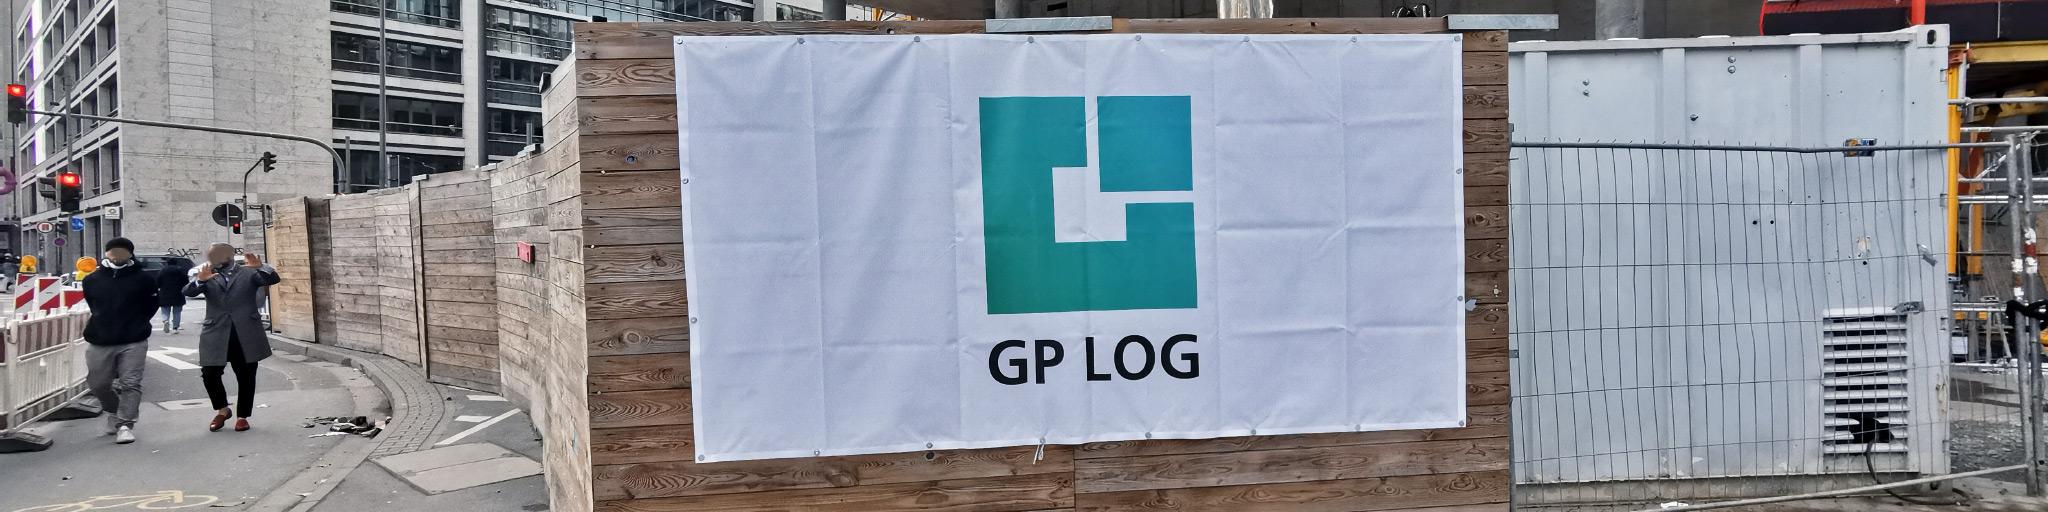 Groß und Partner GmbH - Groß & Partner Frankfurt - Projektentwickler